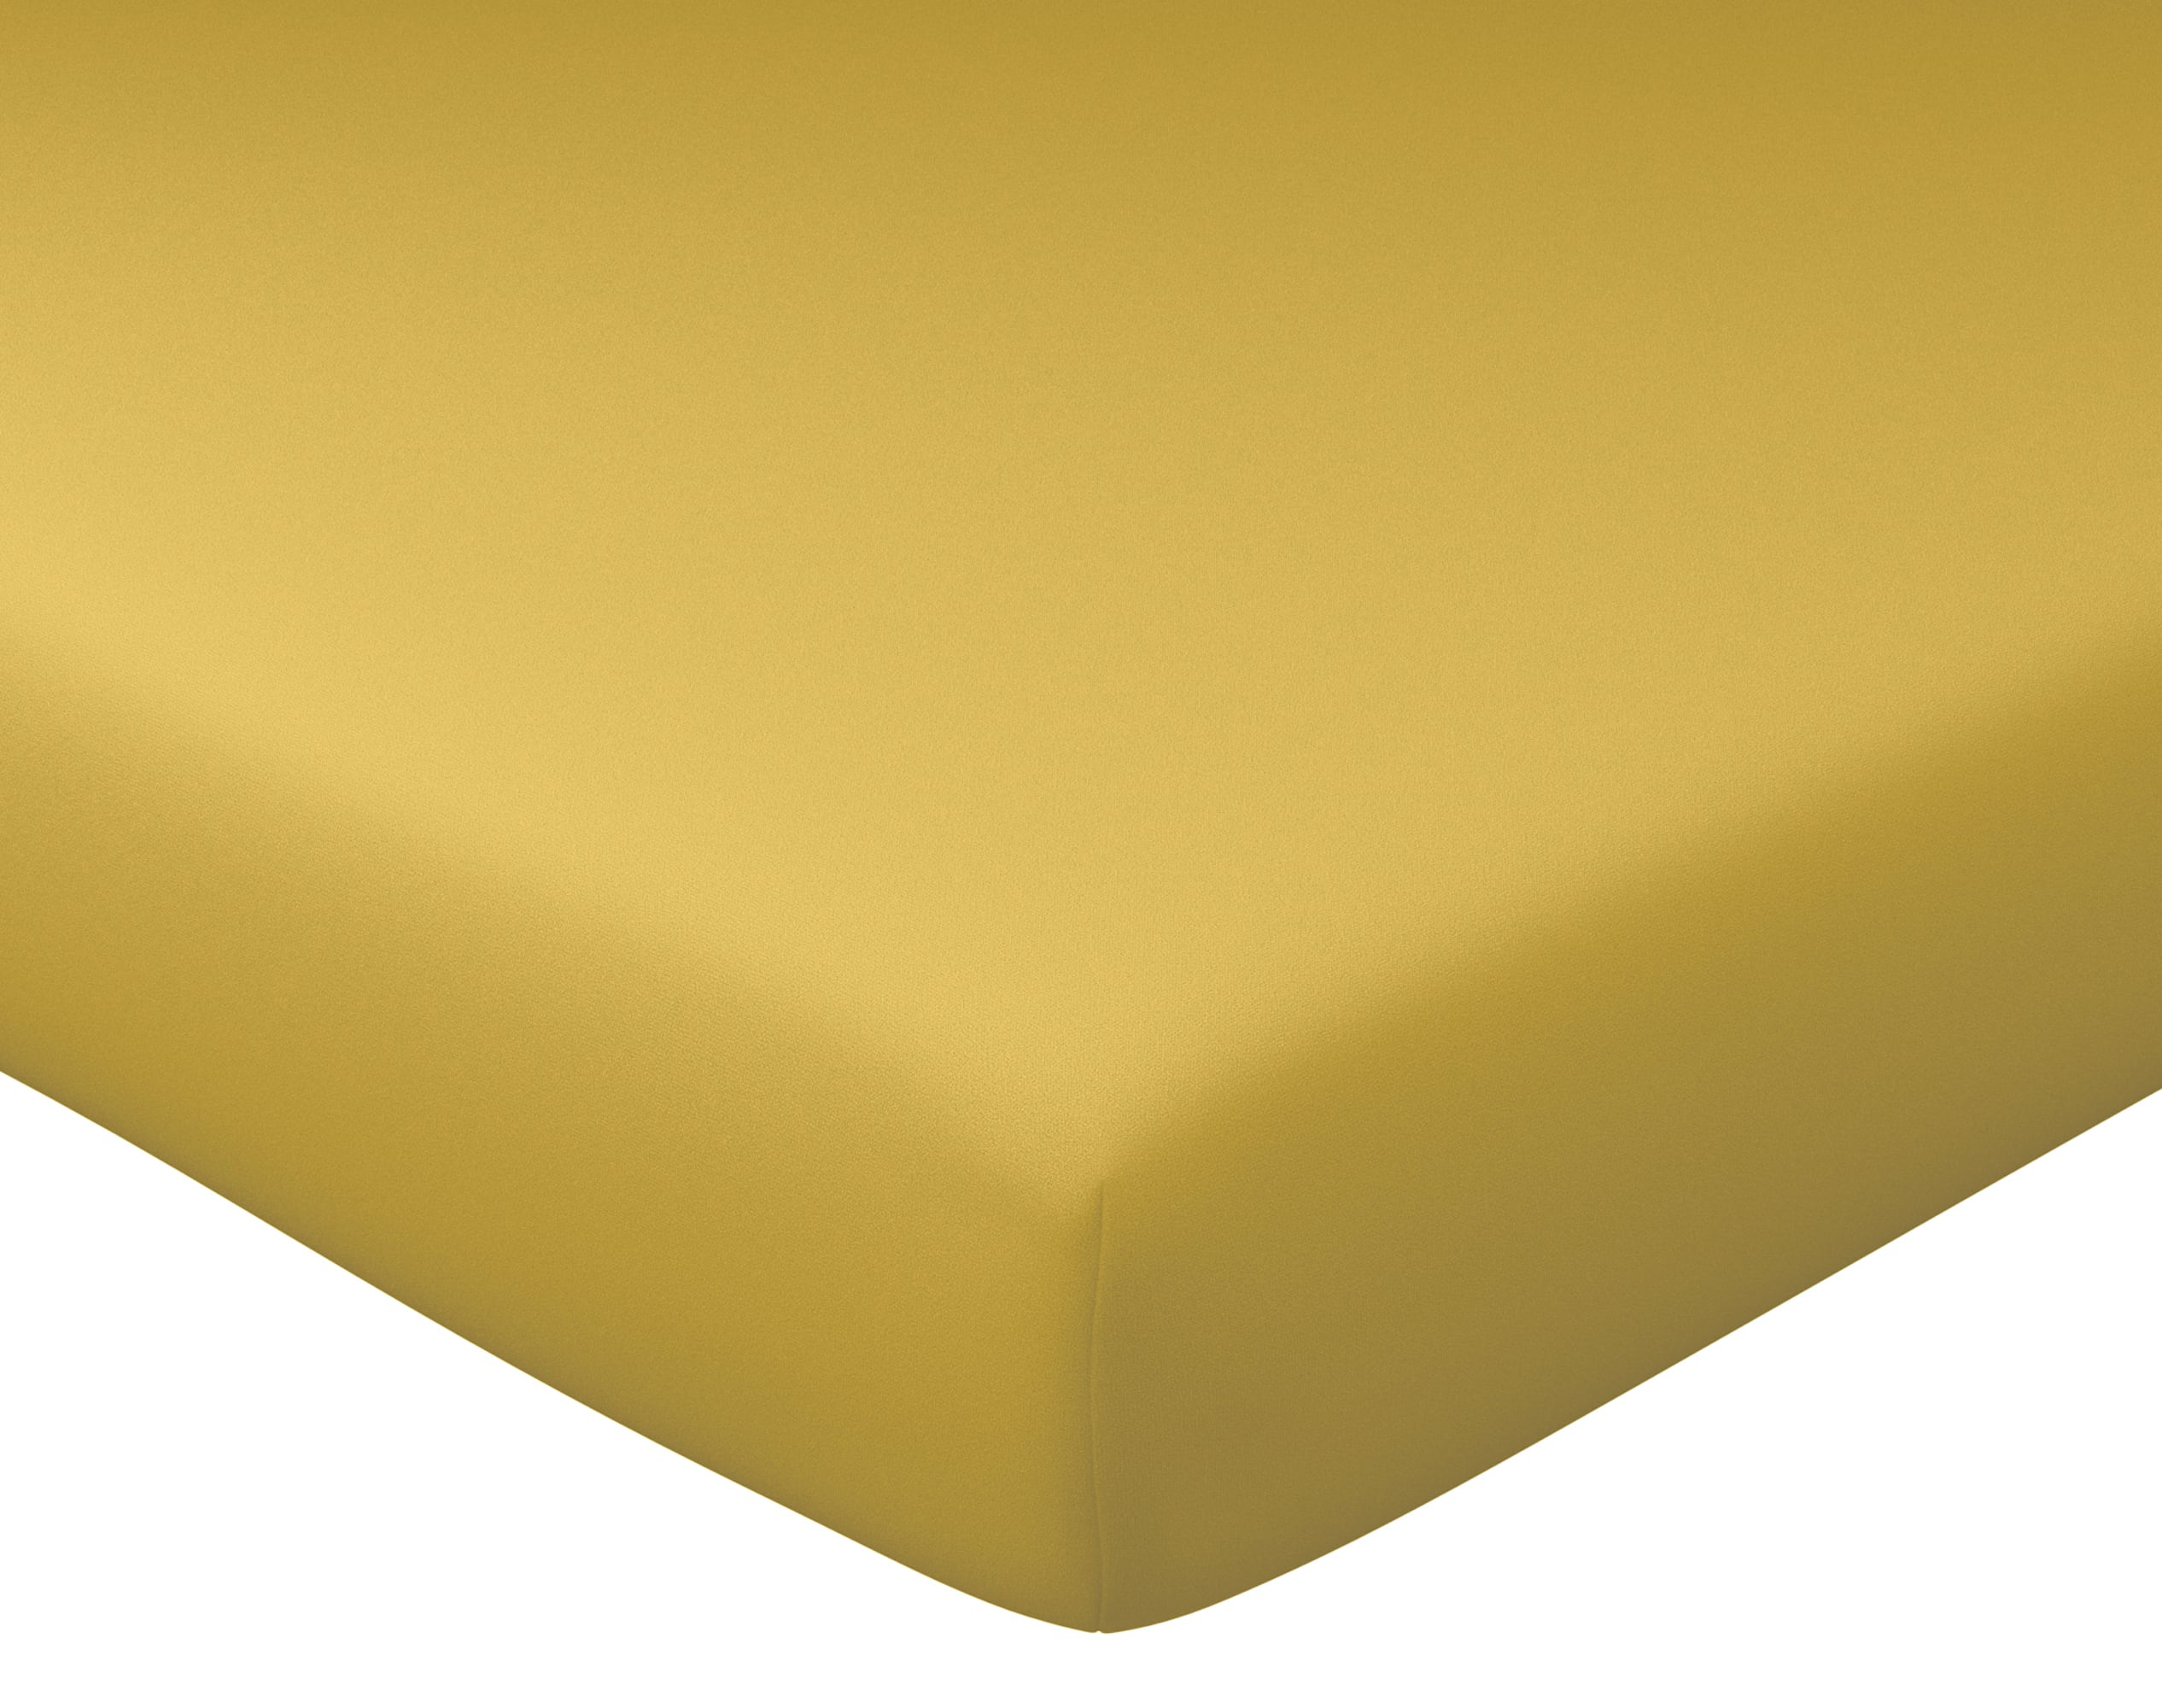 Drap-housse 180x200 en percale de coton  jaune ocre